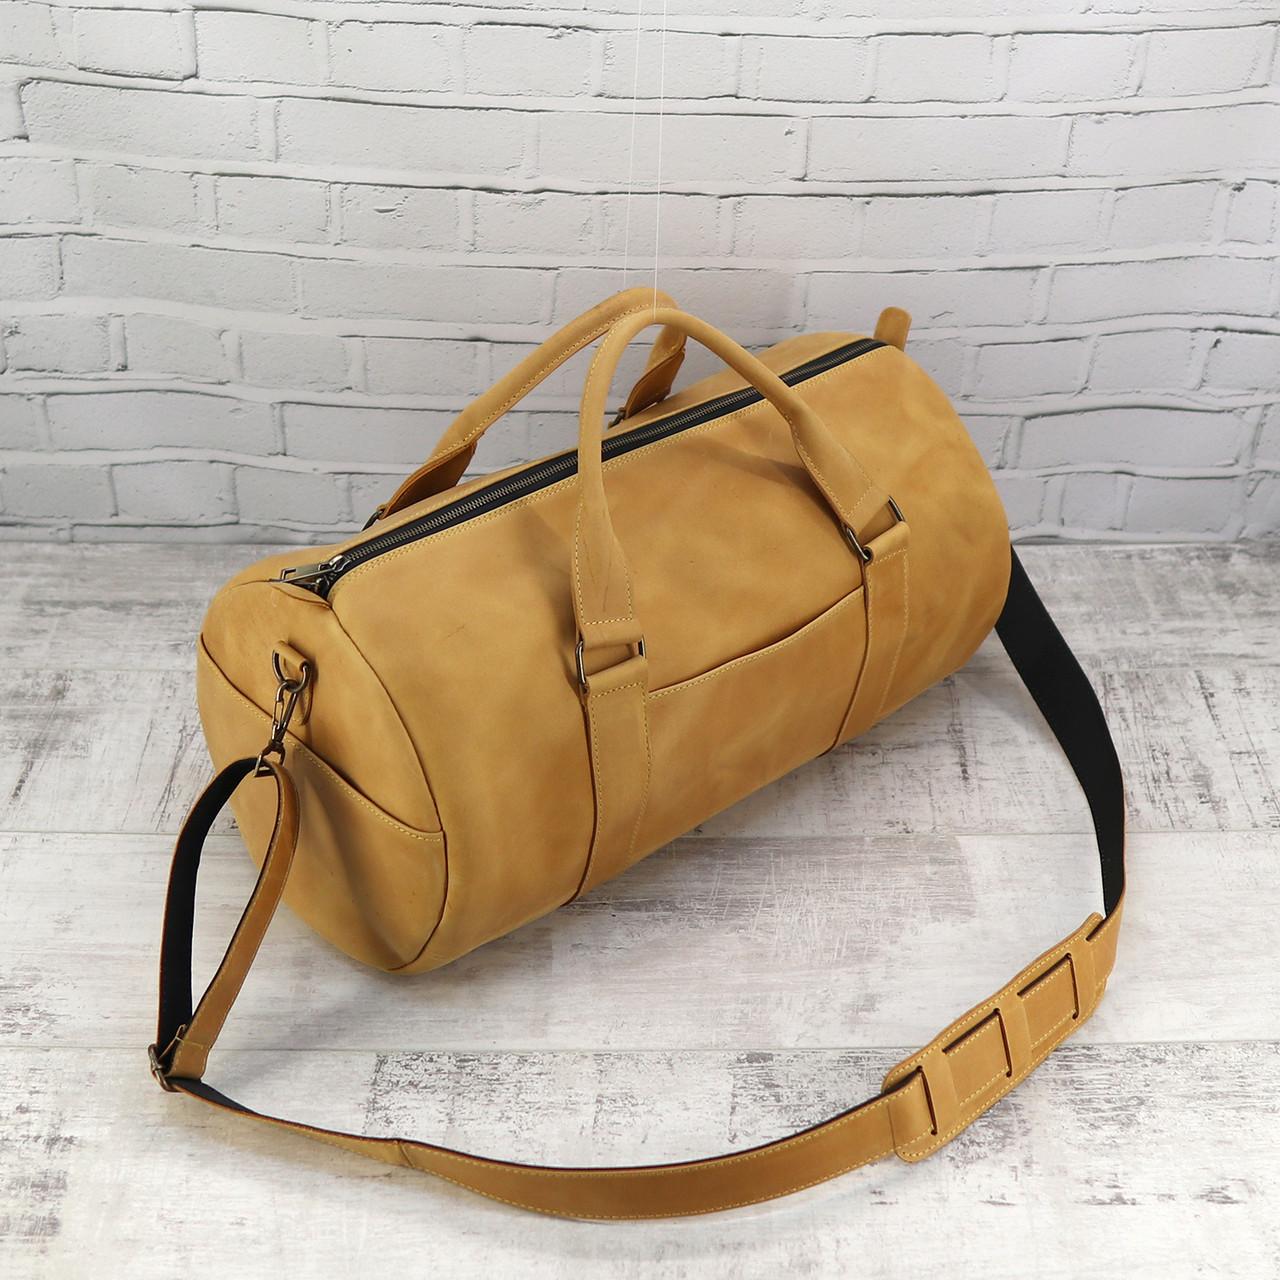 Дорожная сумка Mihey tube mini желтая из натуральной кожи crazy horse 1470407